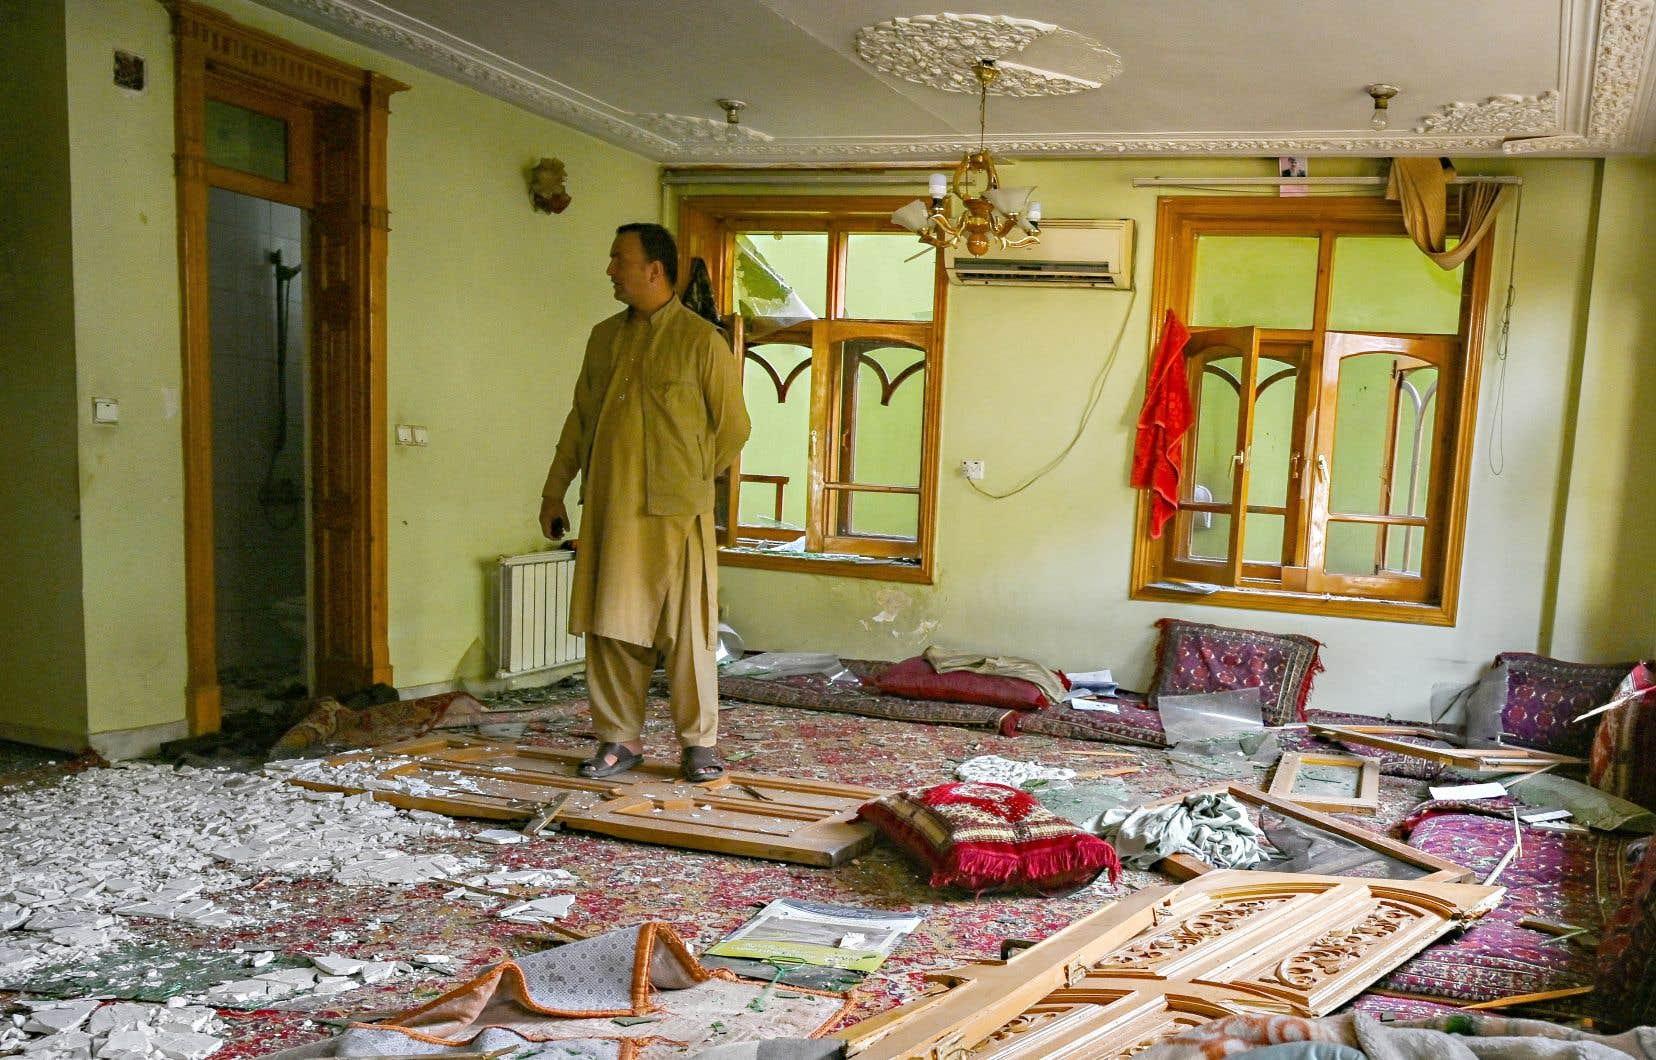 Un homme constatait mercredi les dommages causés à un édifice, au lendemain de deux grosses explosions à Kaboul.